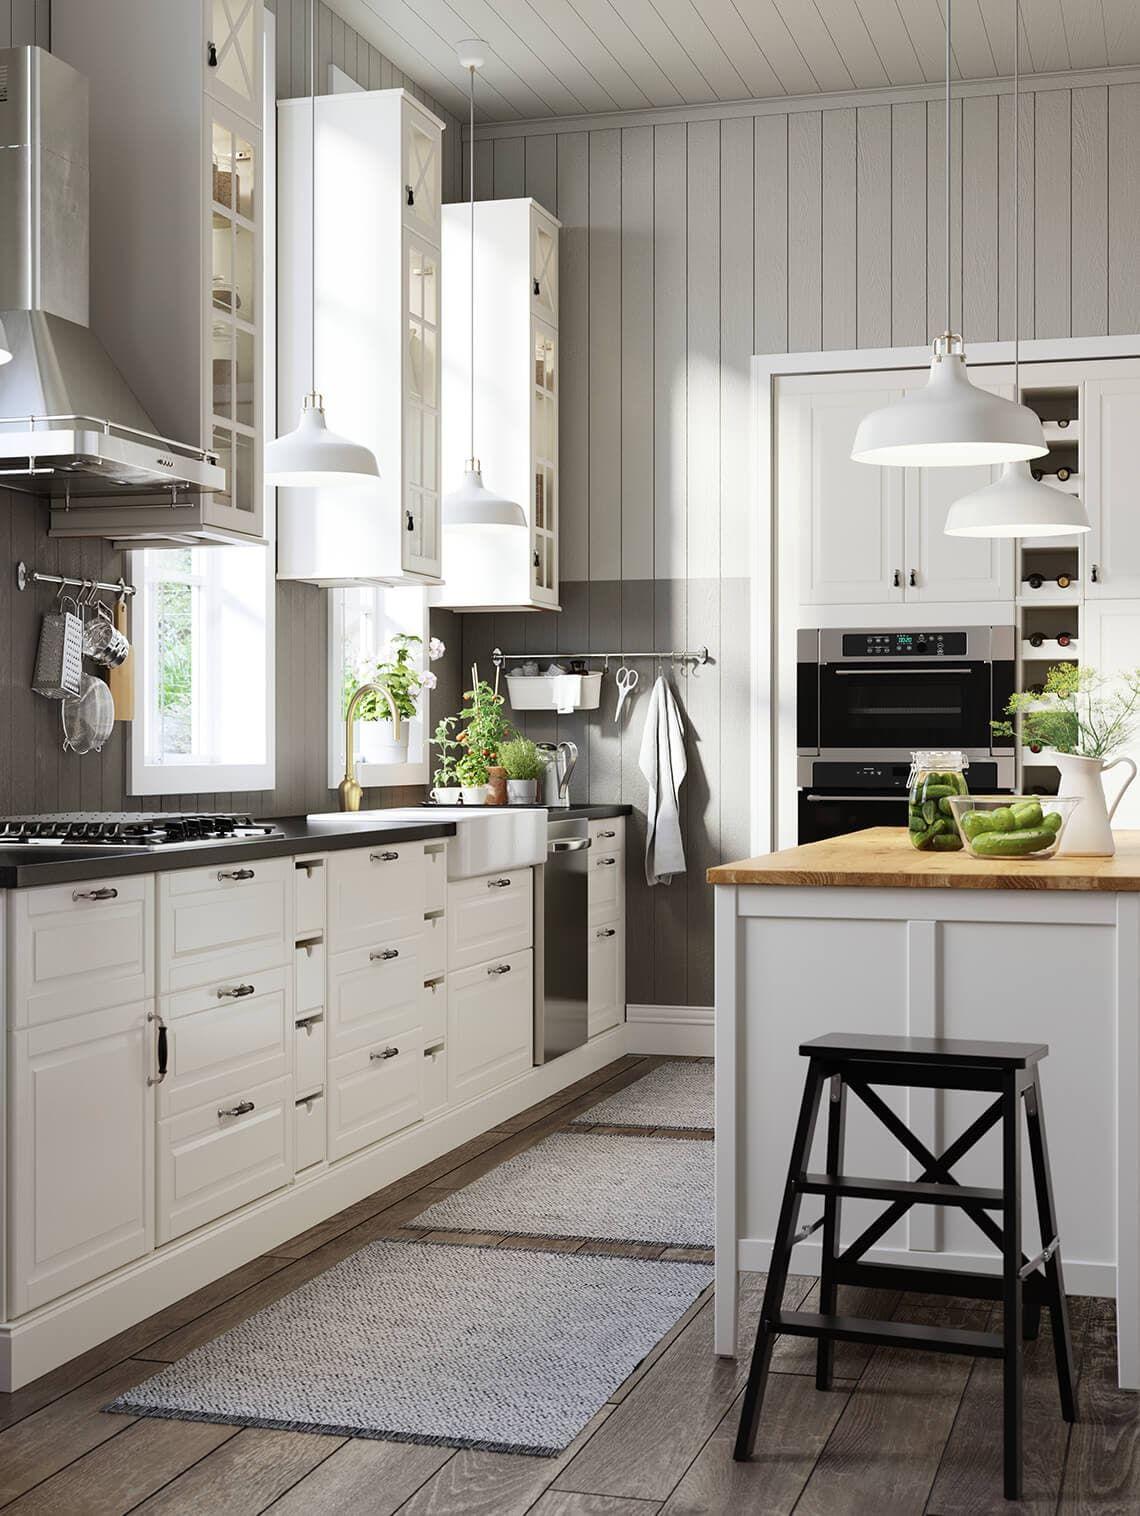 Kitchen Appliance Sale Ikea Kitchen Event 2020 In 2020 Kitchen Cabinets For Sale Kitchen Appliance Sale Kitchen Appliances Luxury